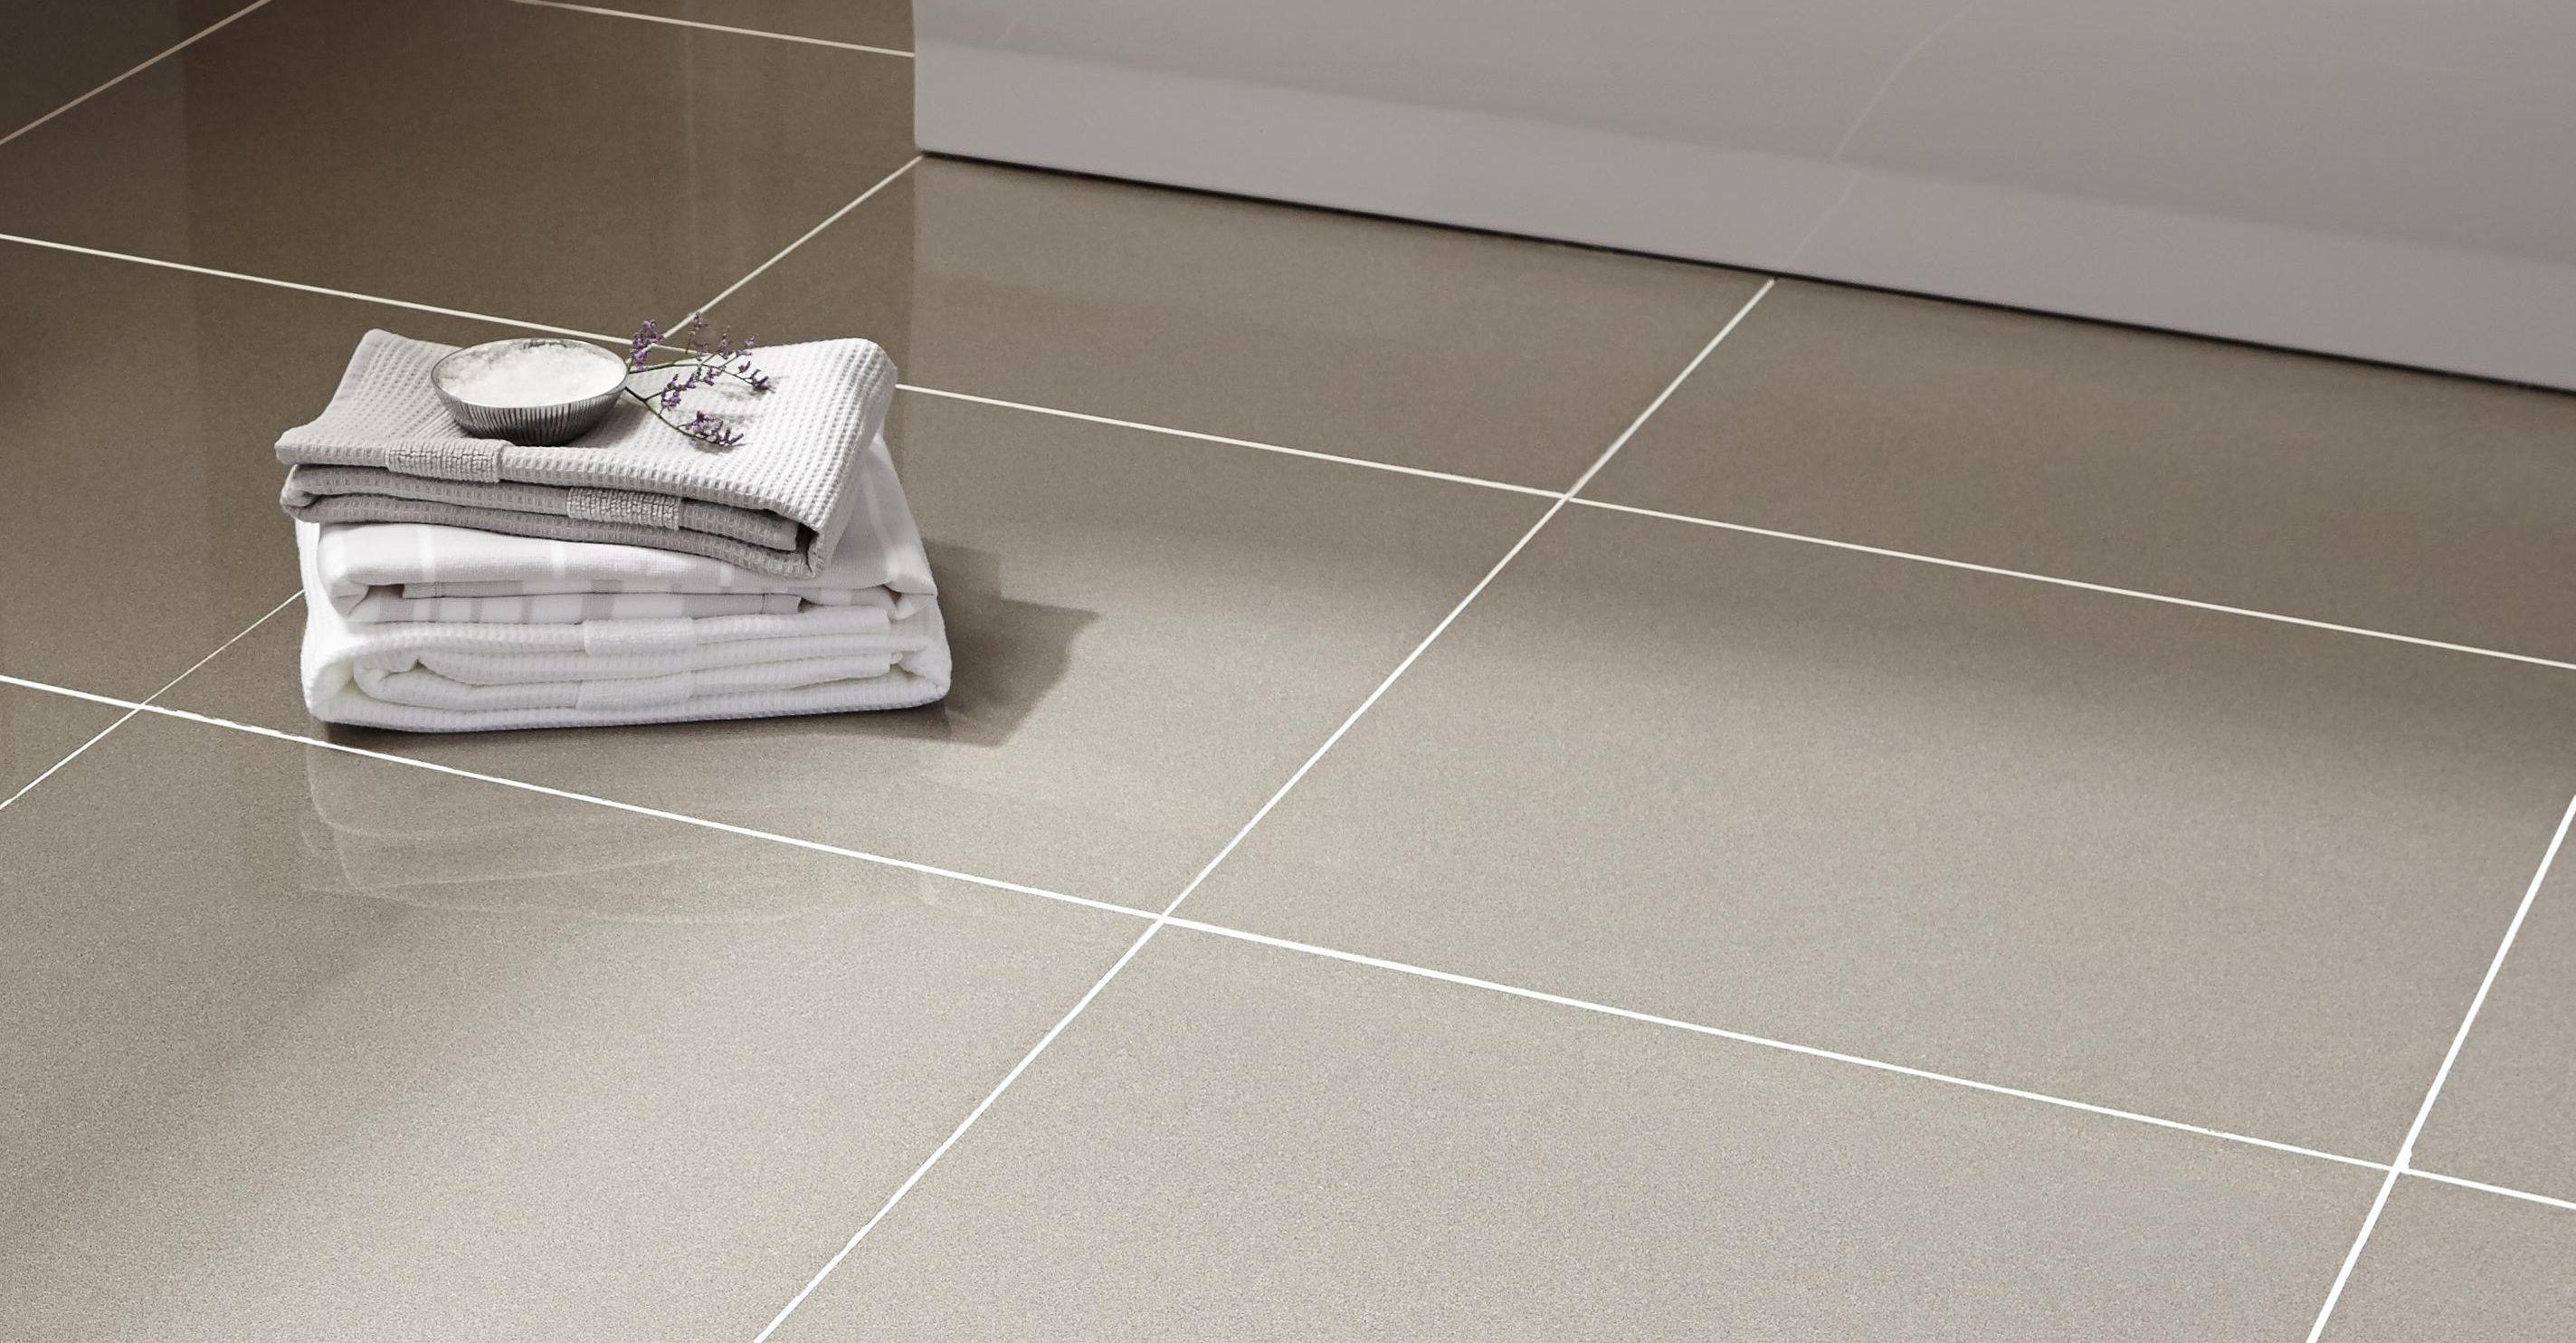 Bathroom Tiles B Q how to lay floor tiles | help & ideas | diy at b&q